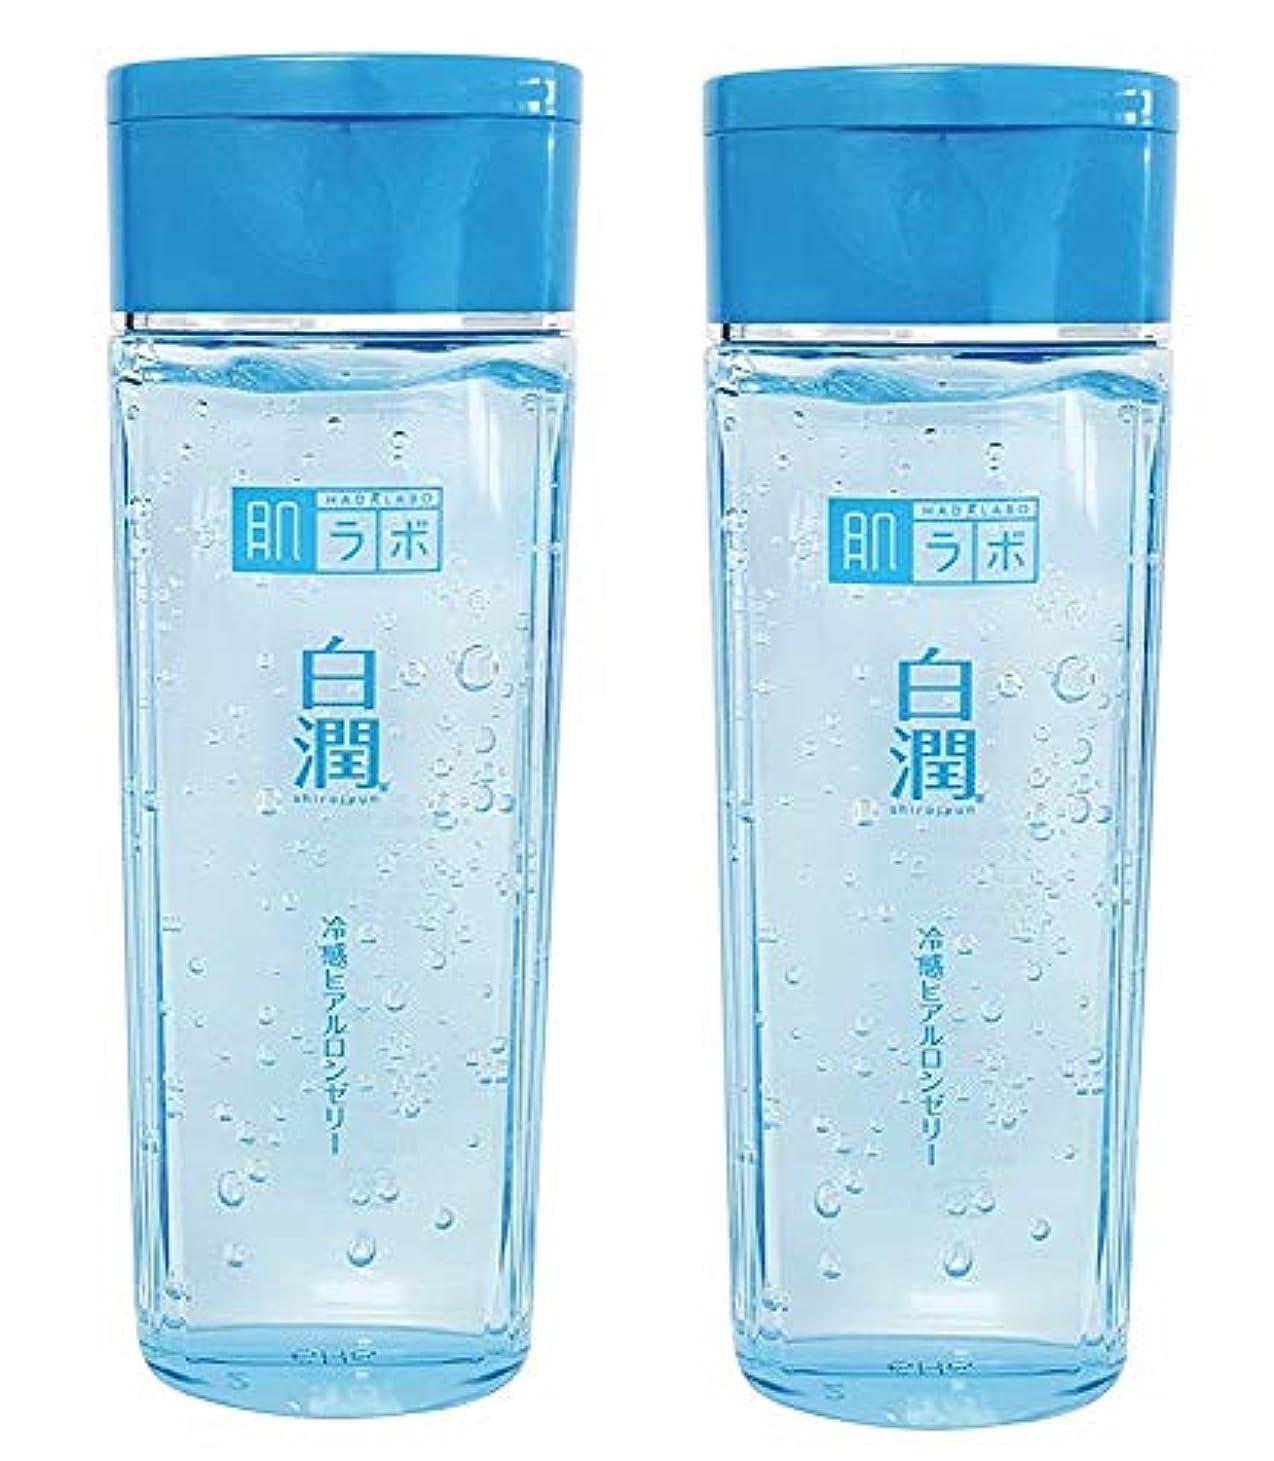 もつれ在庫理由【まとめ買い】肌ラボ 白潤 冷感ヒアルロンゼリー 化粧水?乳液?美容液?収れん?パックの5役 4つの潤い成分配合 200mL×2個